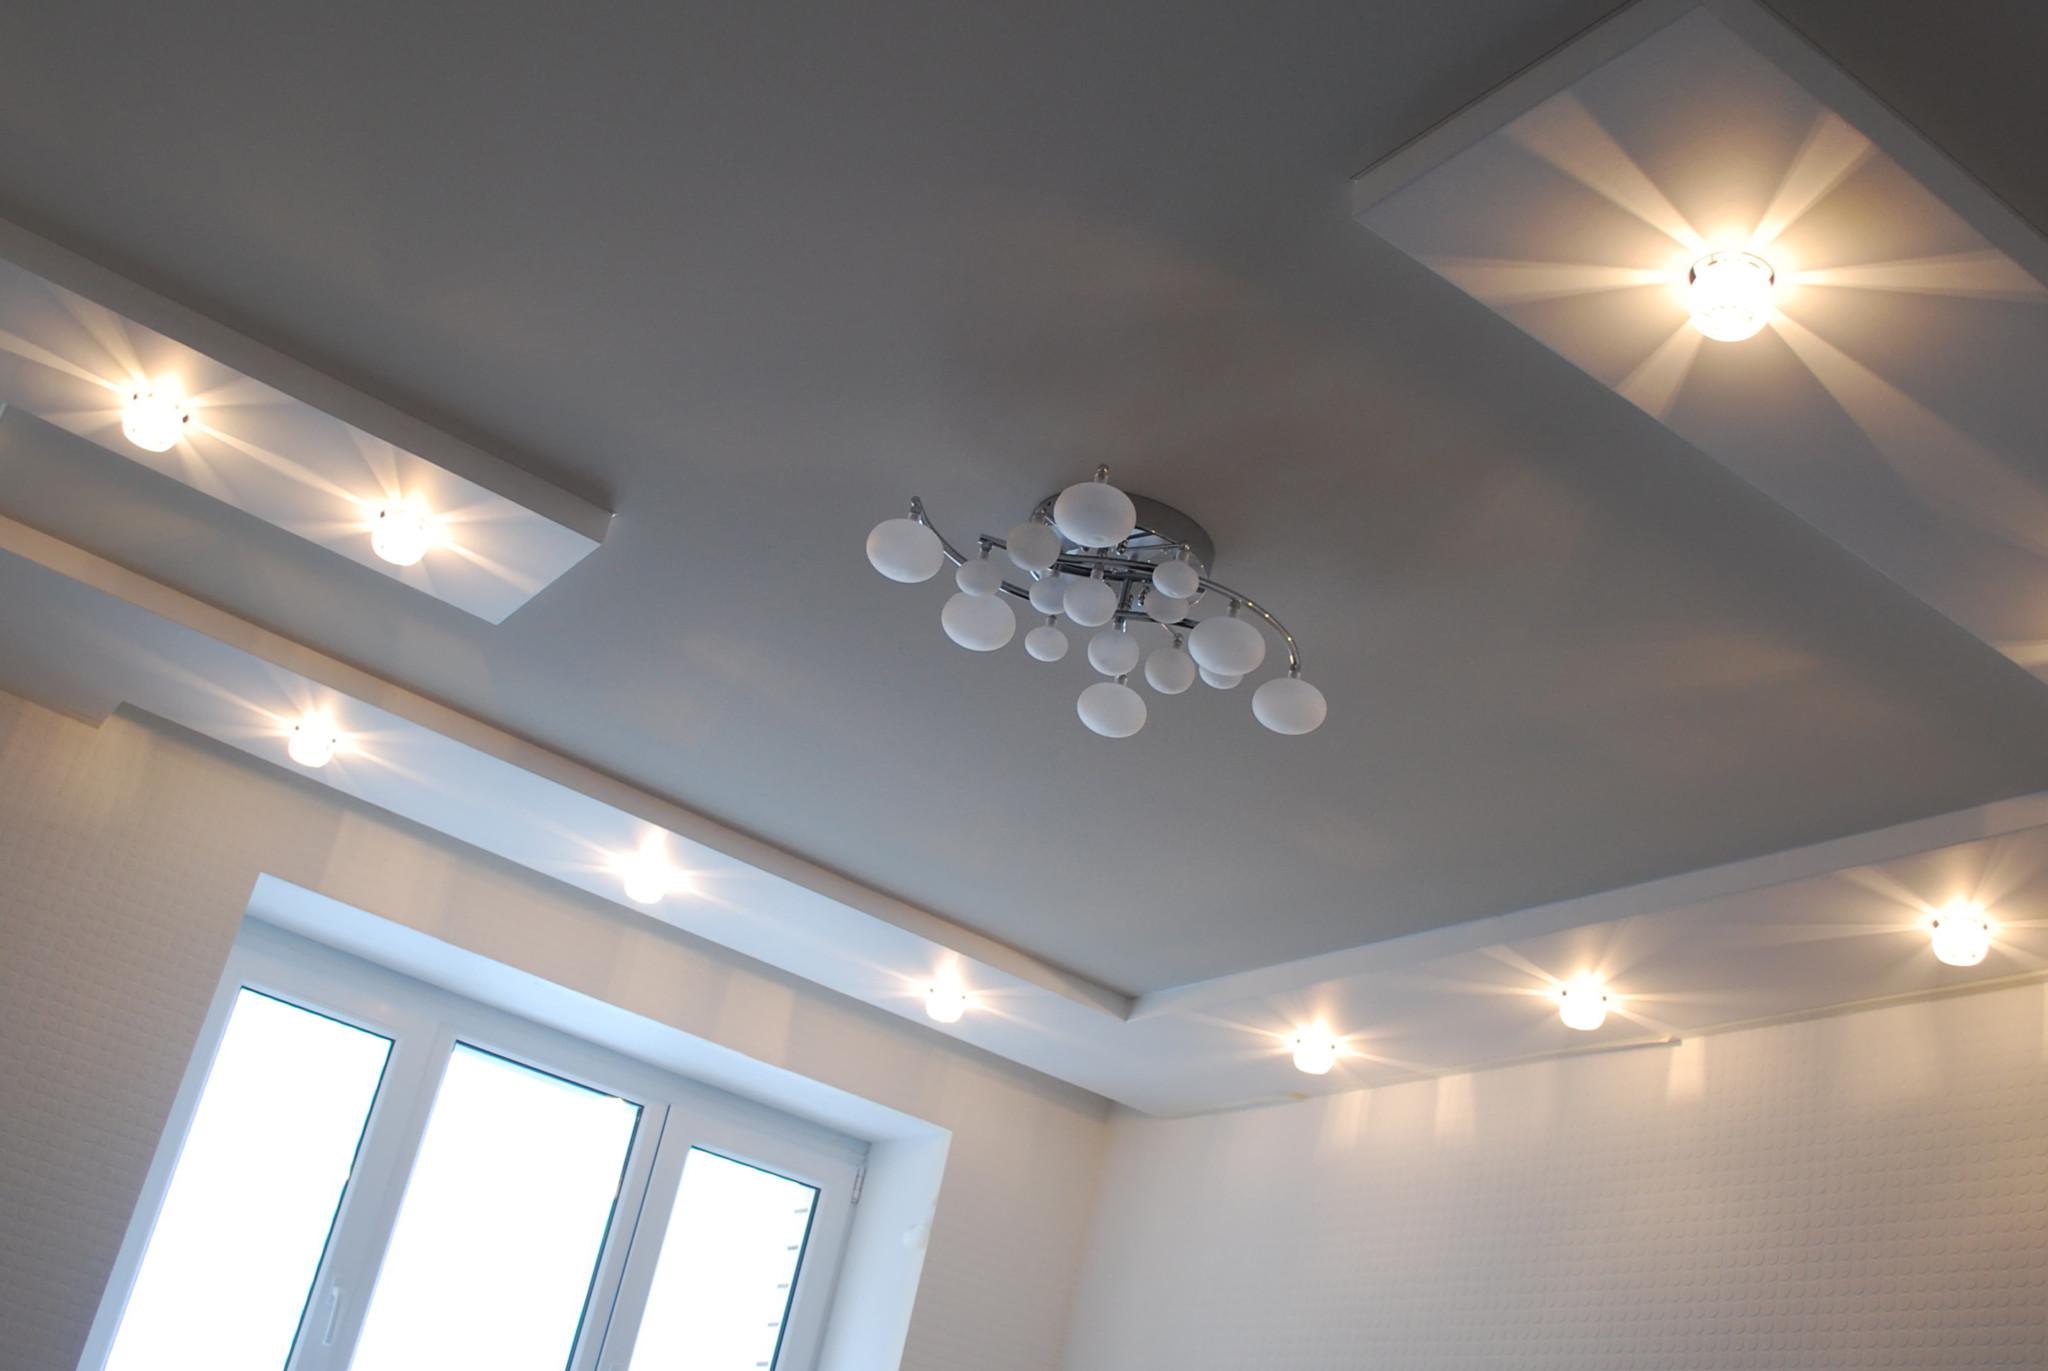 освещение комнаты с натяжным потолком